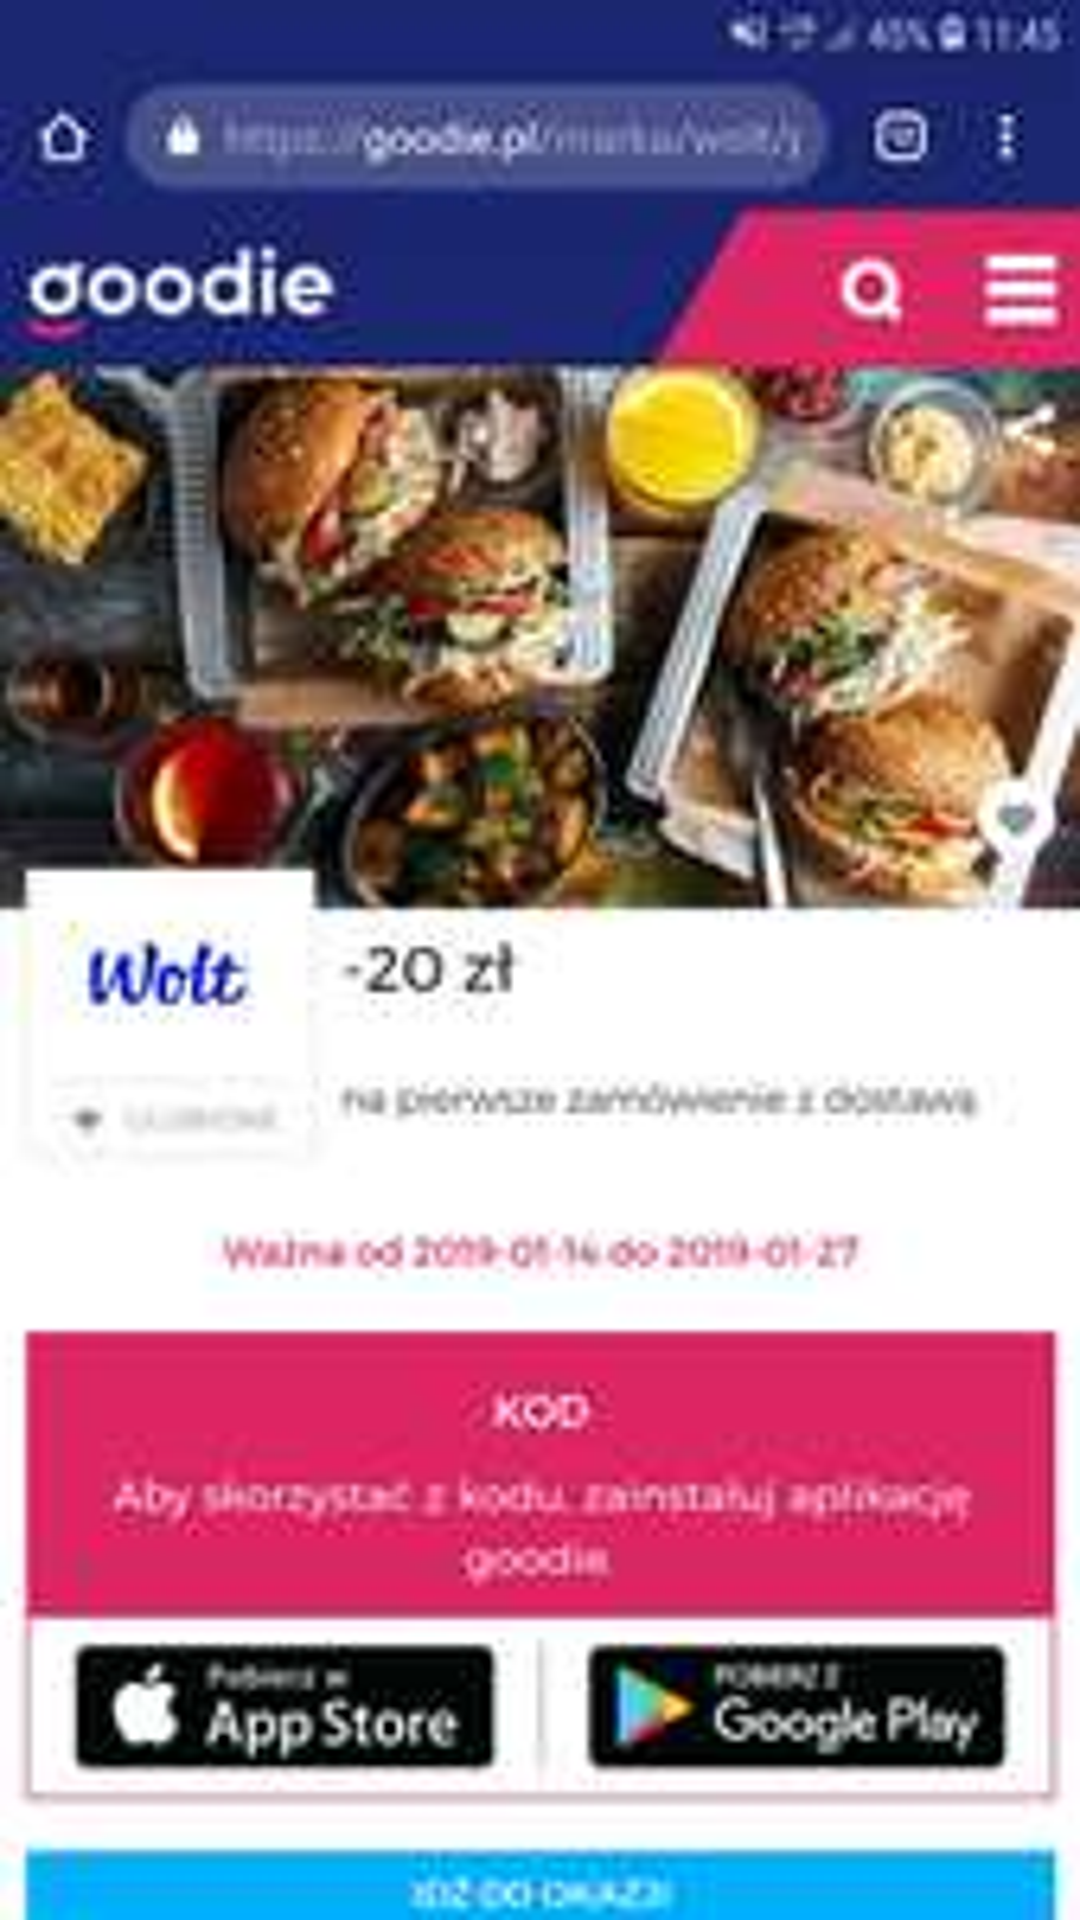 -20zł dla nowych Wolt z goodie Gdynia, Gdańska, Warszawa